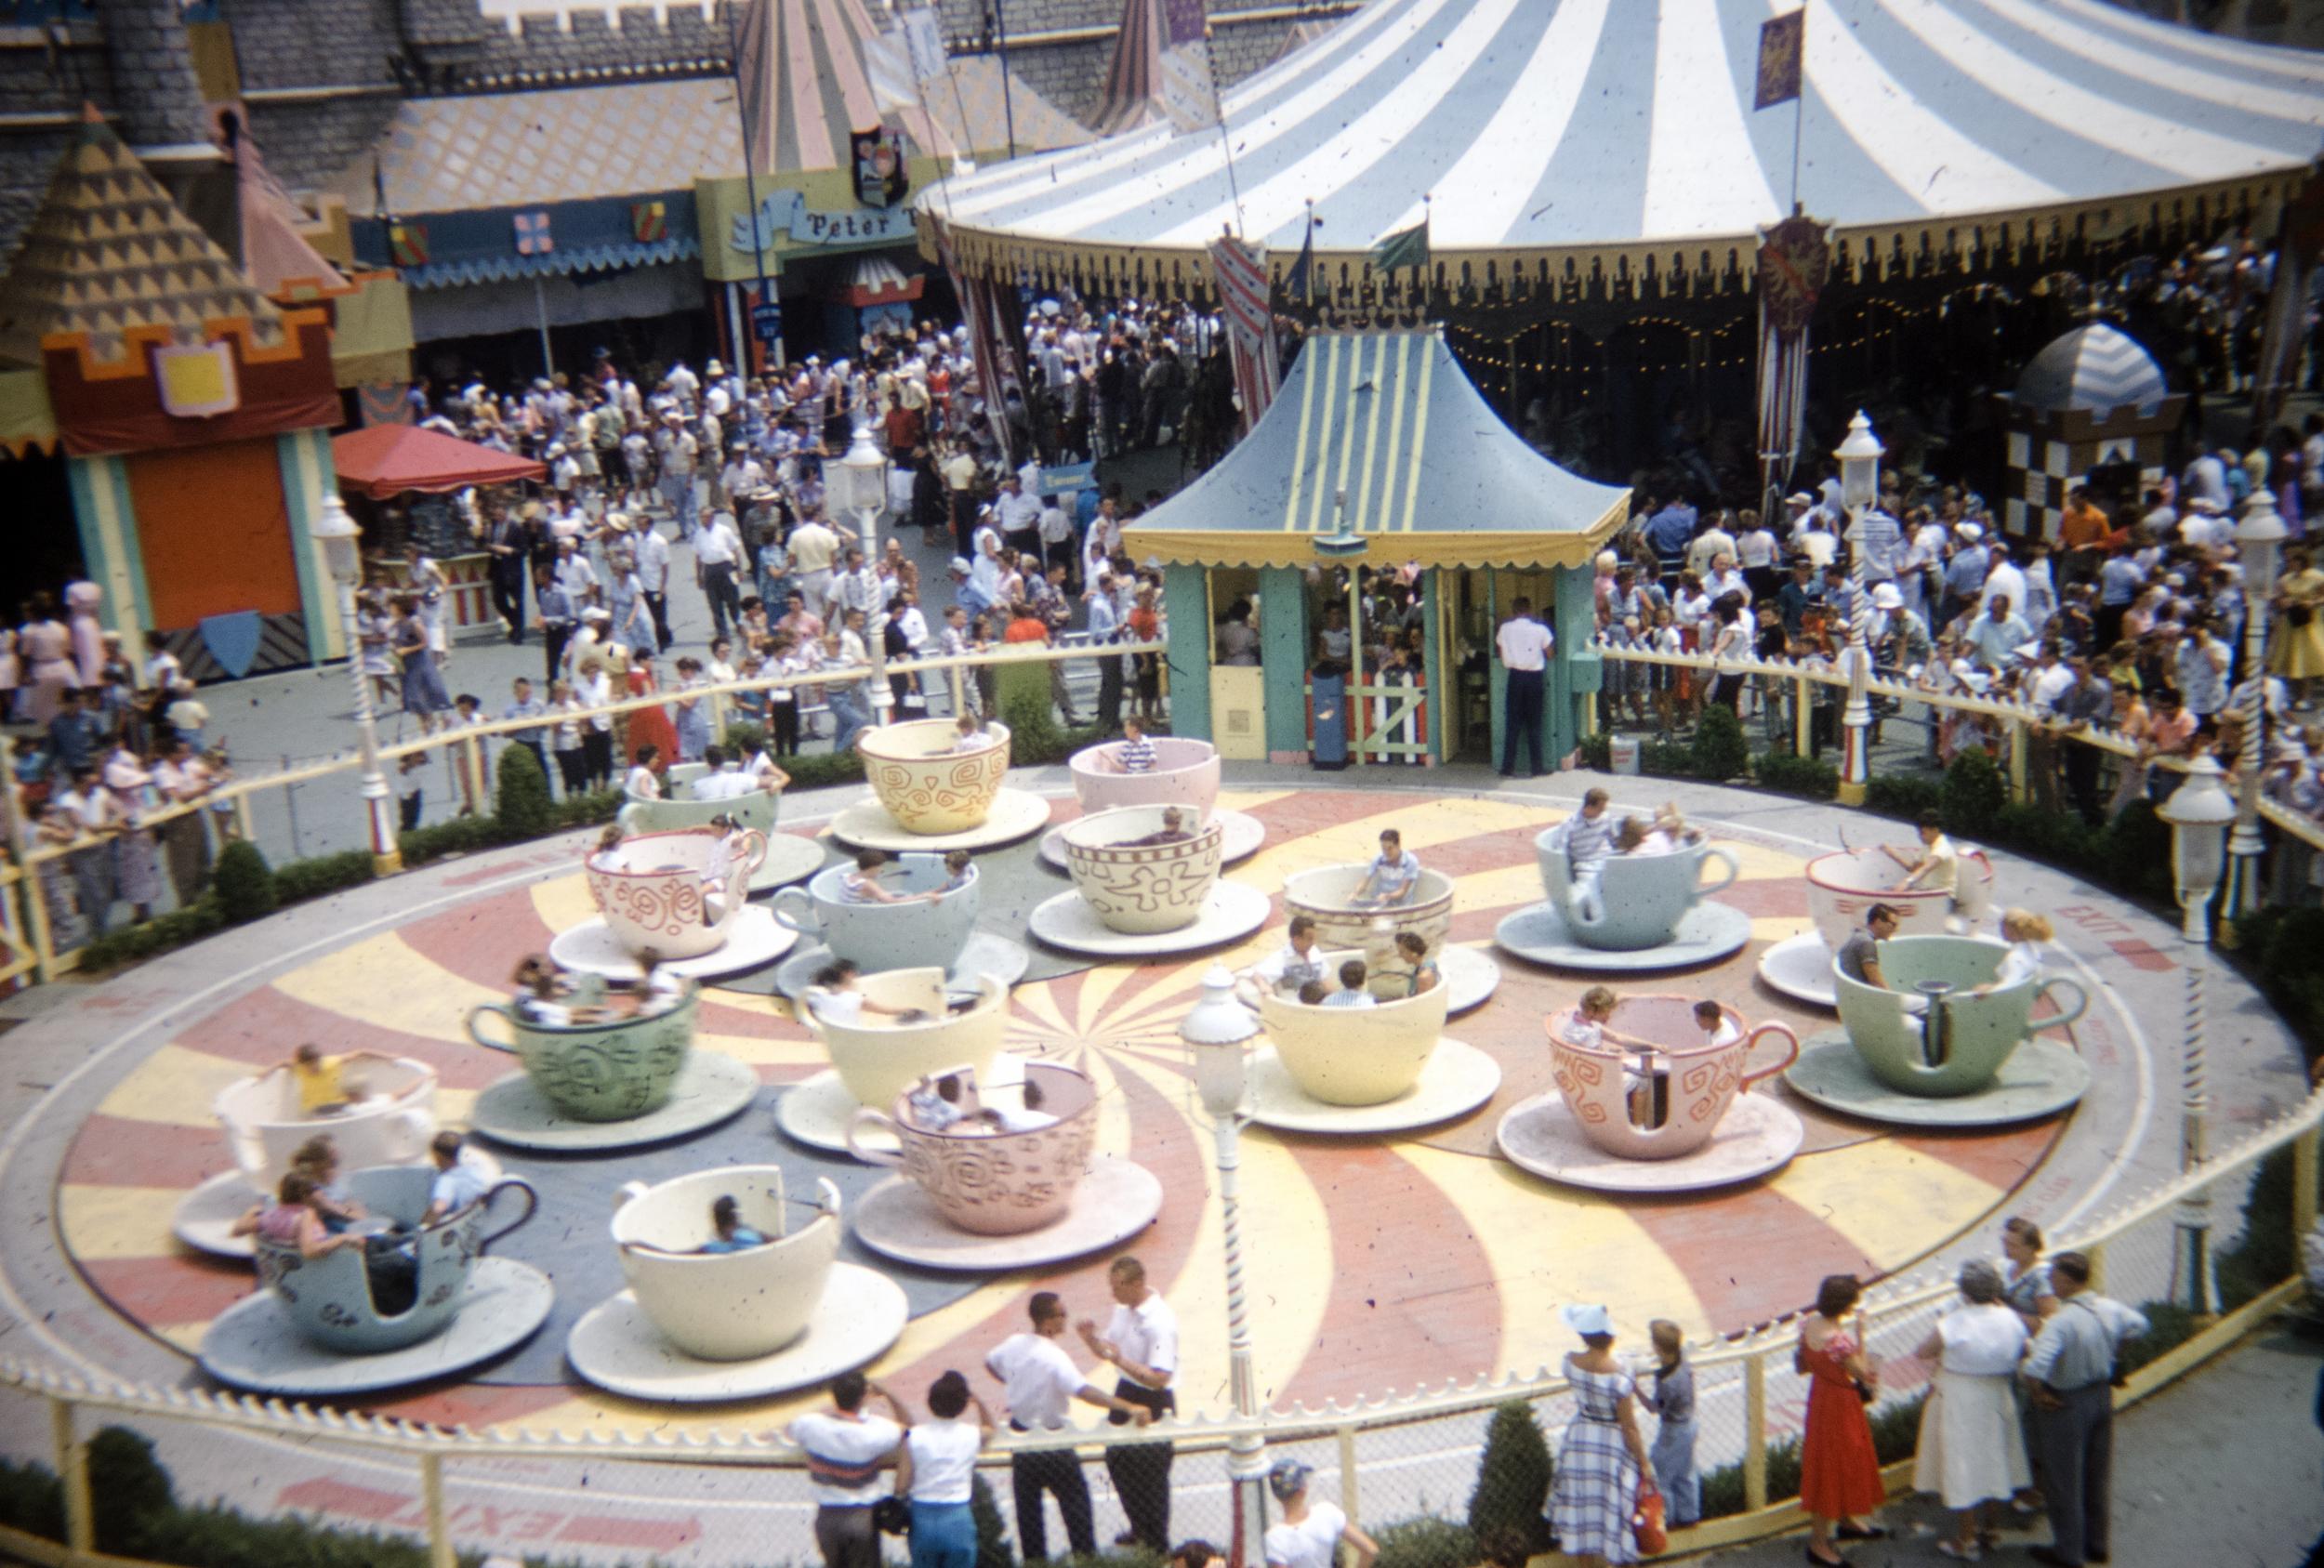 Fantasyland Teacups